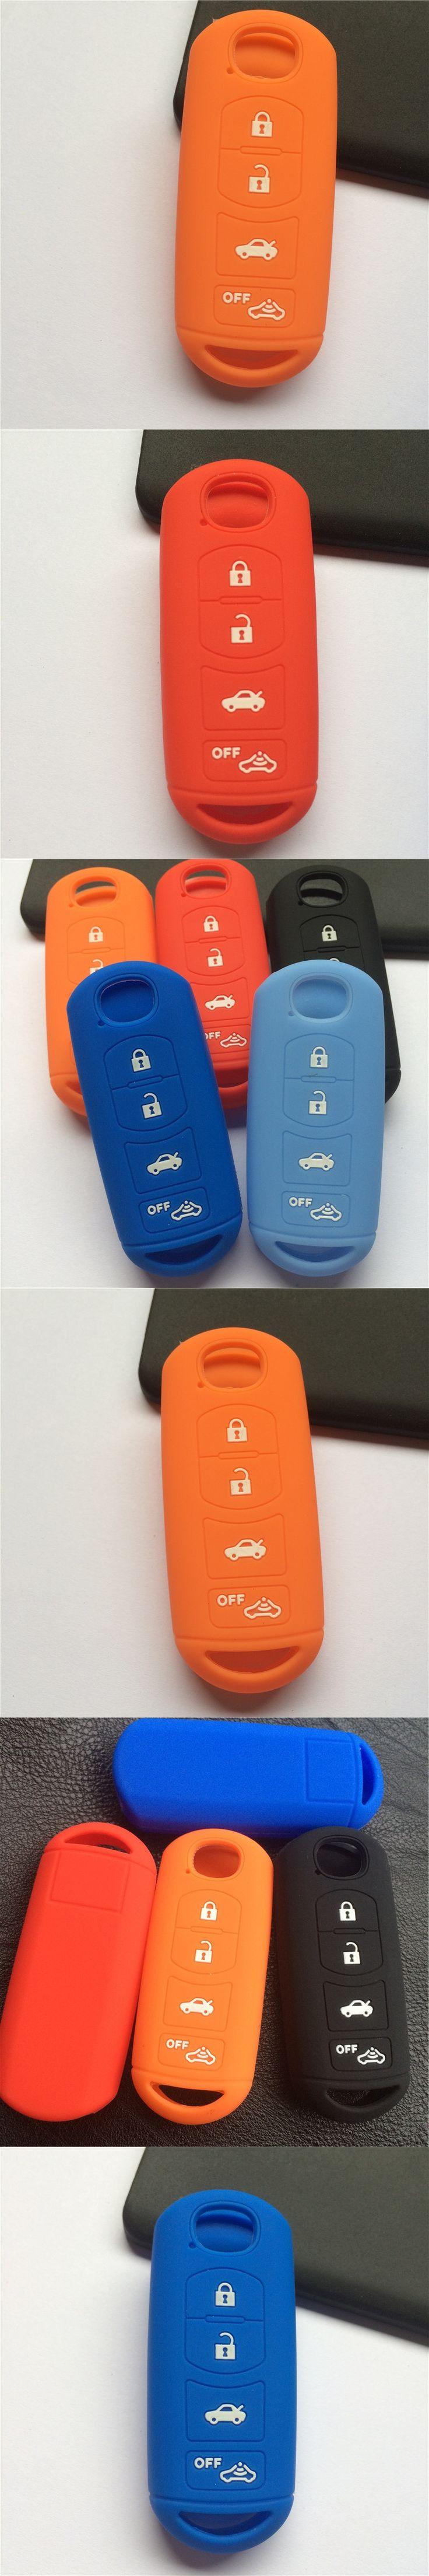 Silicone rubber car key Case Cover for Mazda 3 5 6 8 CX5 CX7 CX9 M6 GT 2016 Smart 4 button remote key shell case